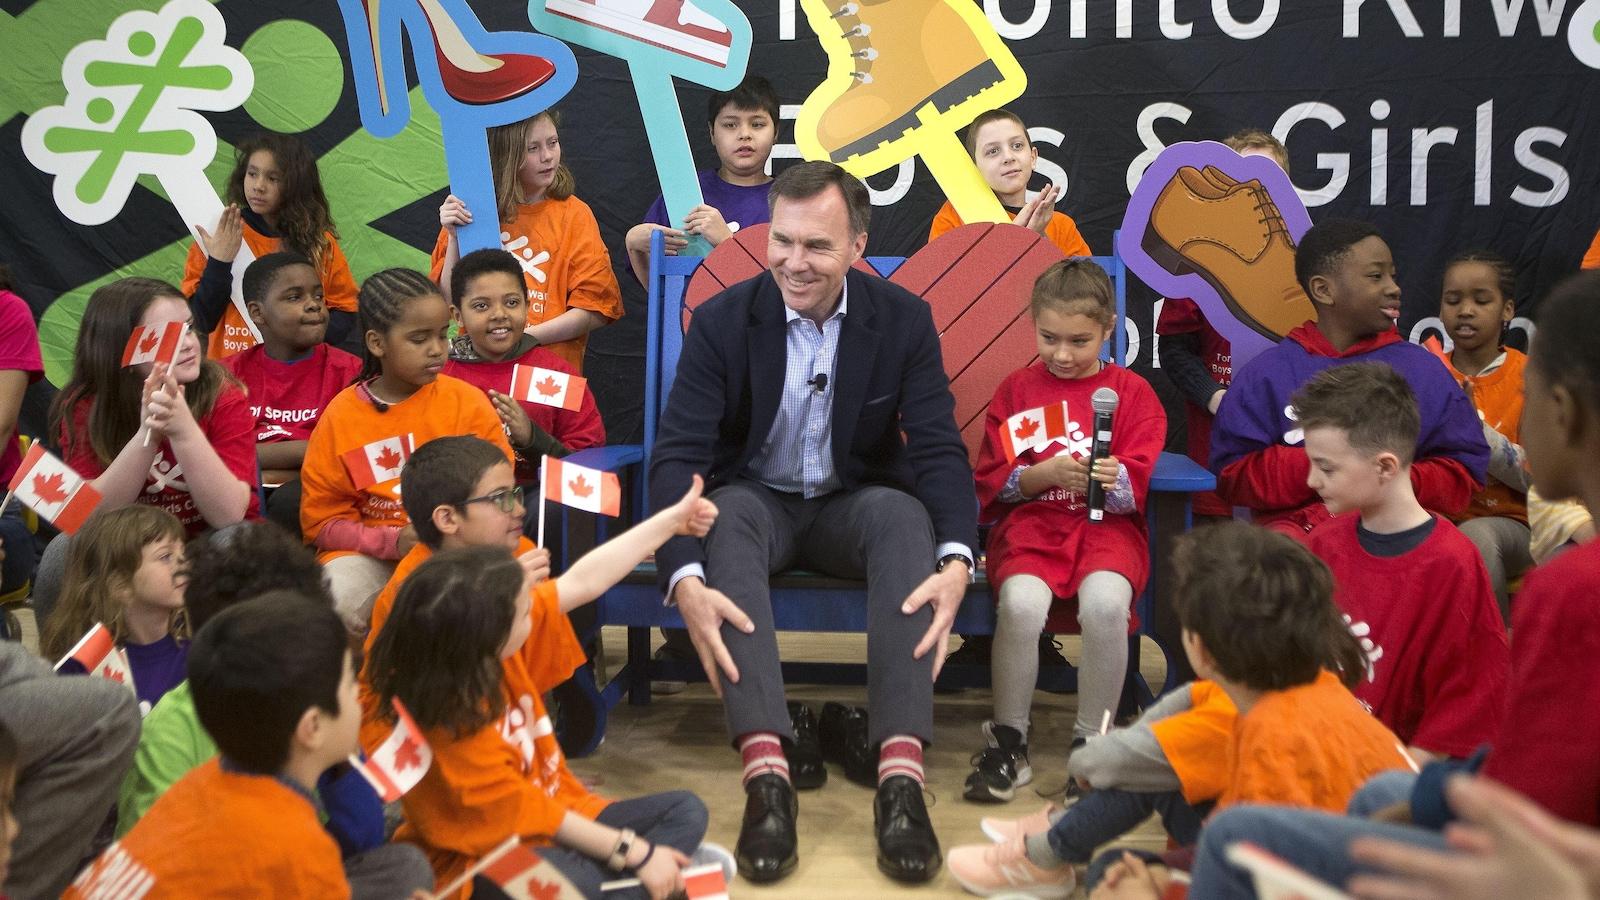 Le ministre Morneau est entouré d'enfants et il essaie des souliers.